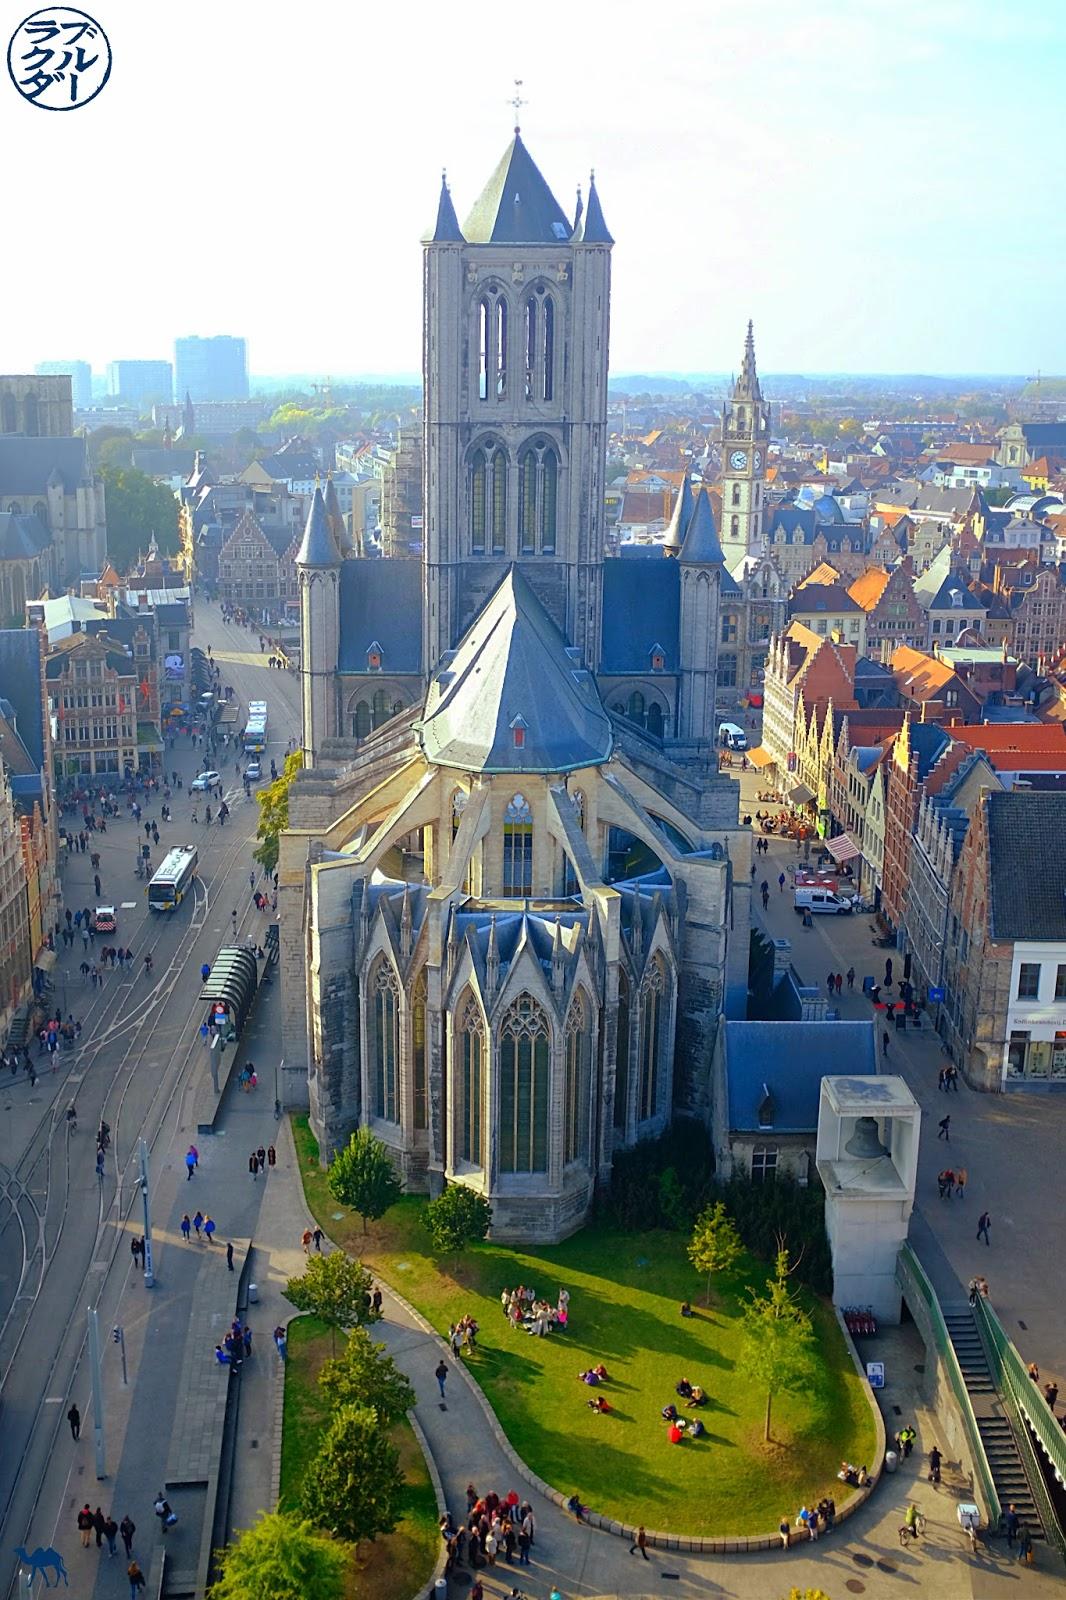 Le Chameau Bleu - Blog Voyage Gand Belgique - Gand Tourisme - Vue du Beffroi Cathédrale Saint Bavon Gand Belgique